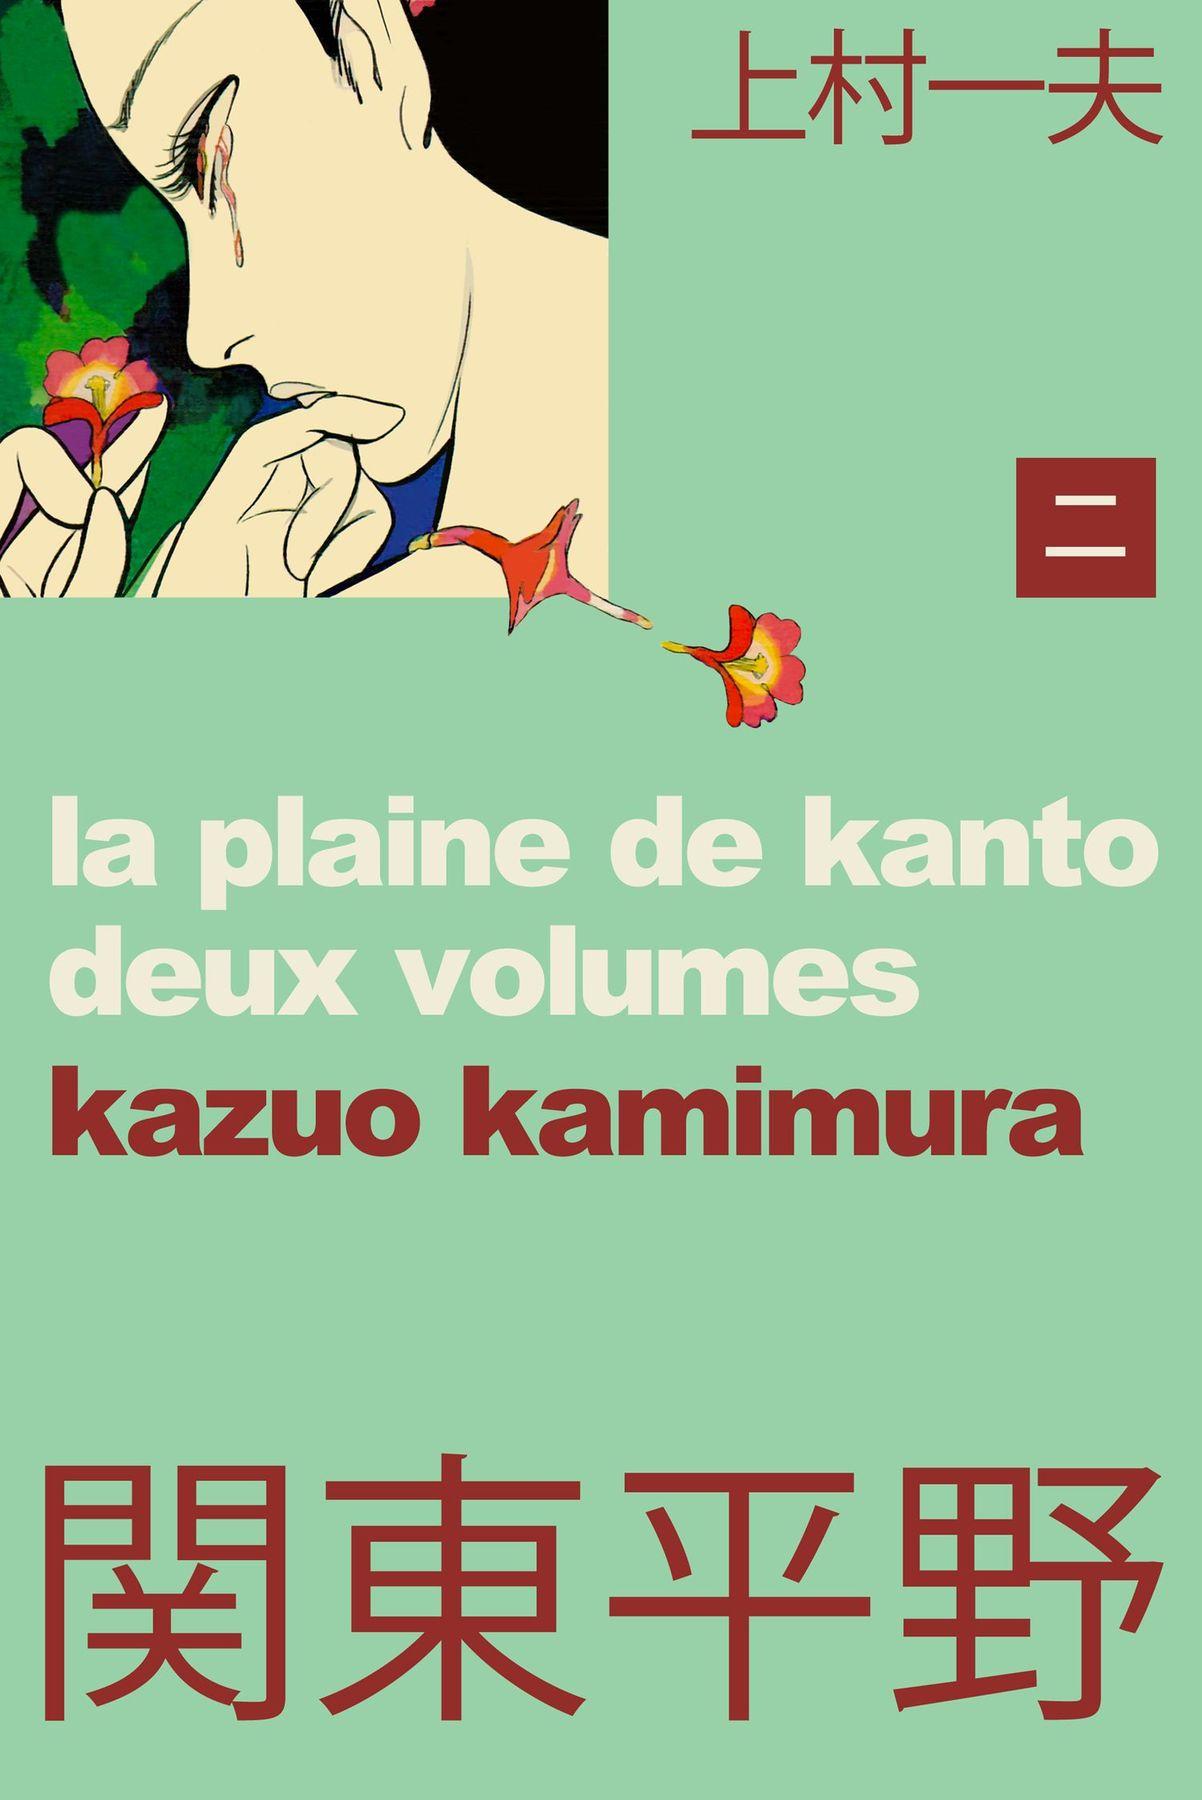 関東平野 わが青春漂流記(第2巻)